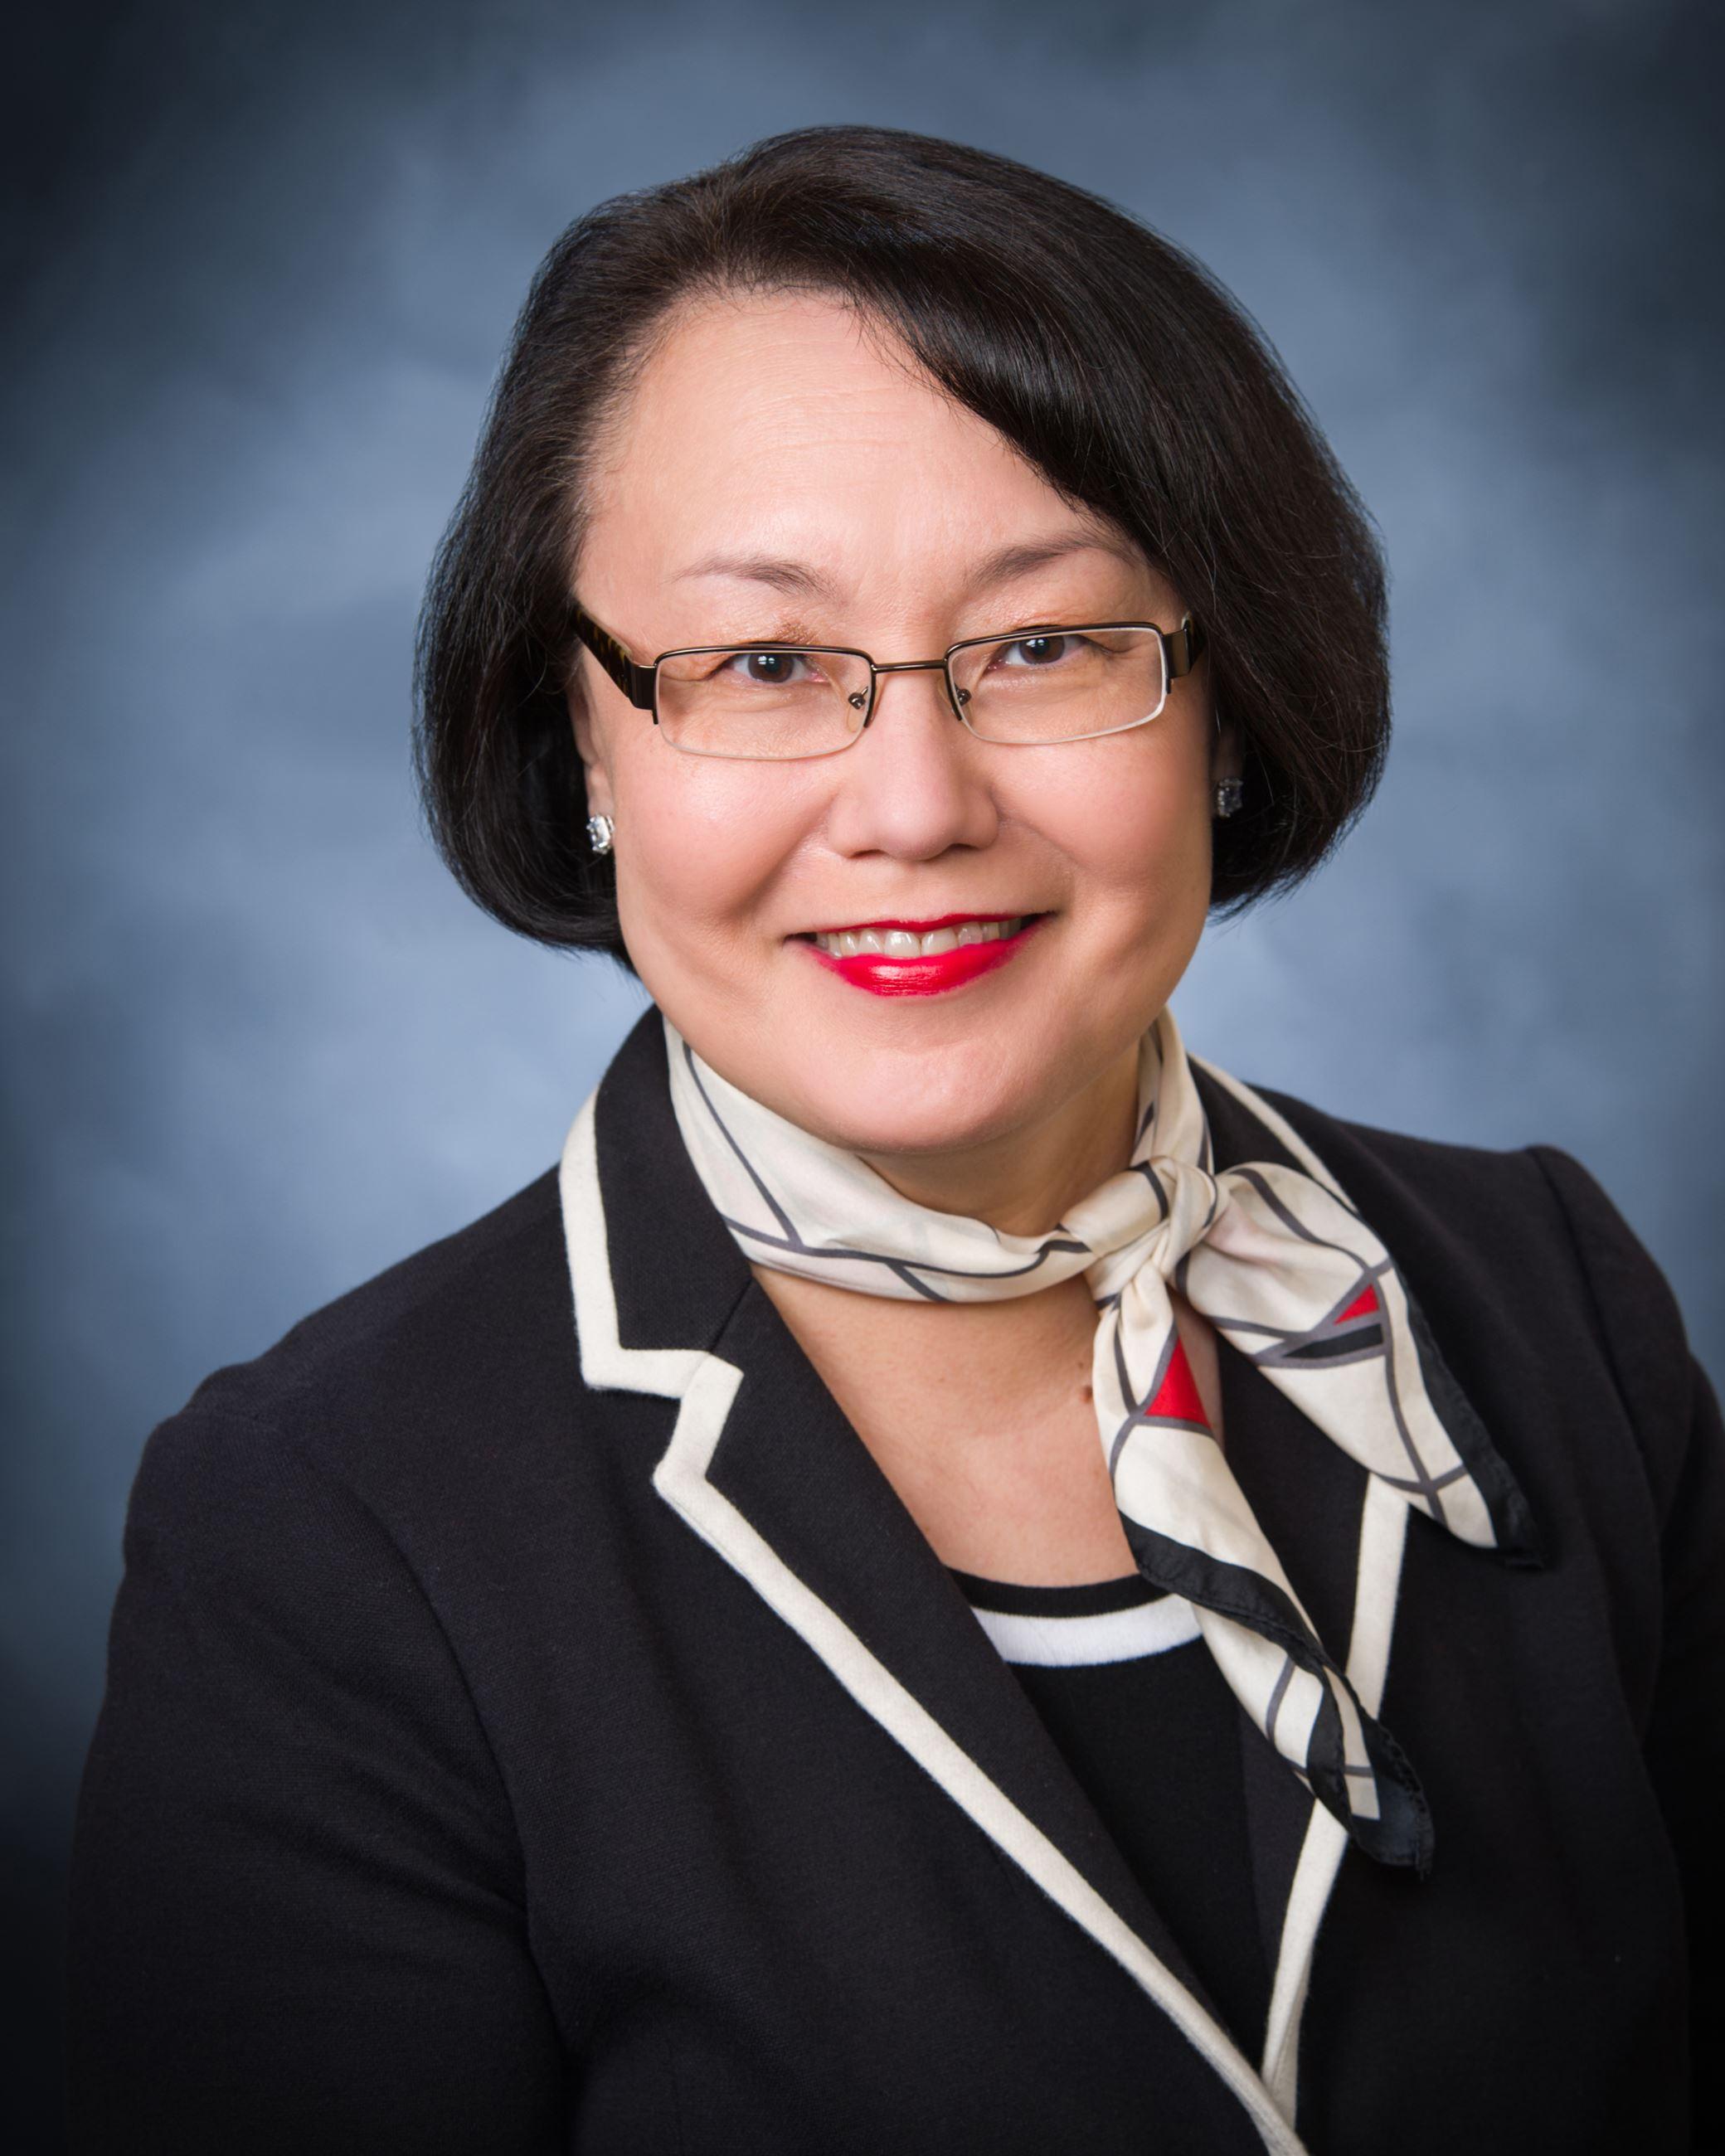 Ranae Bartlett